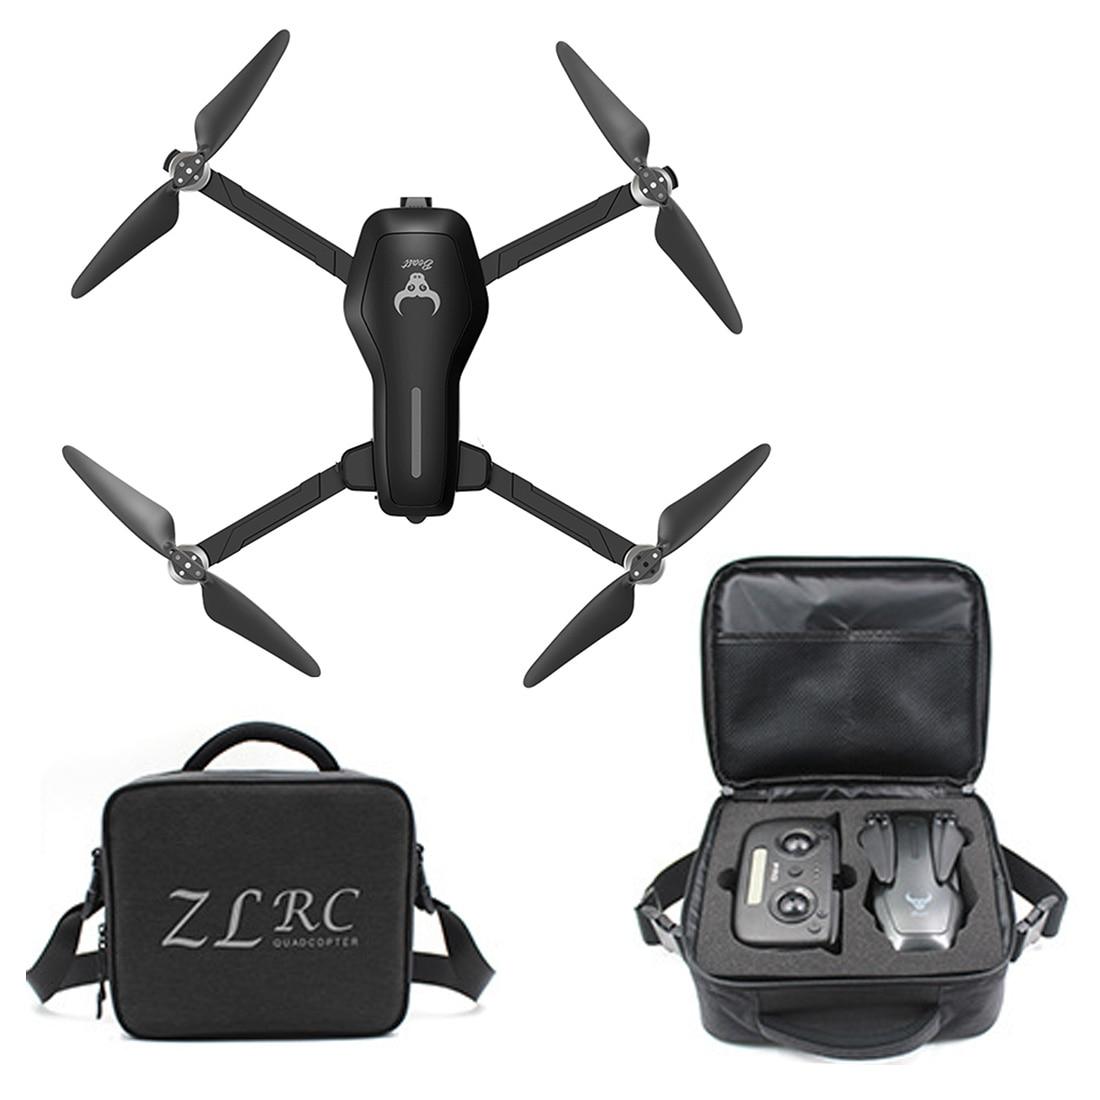 Neue Sg906pro 5g Wifi Fpv Drone Mit Gps Bürstenlosen 4k Mechanische Zwei-achse Anti-shake-Kamera rc Faltbare Quadcopter Eders Geschenk